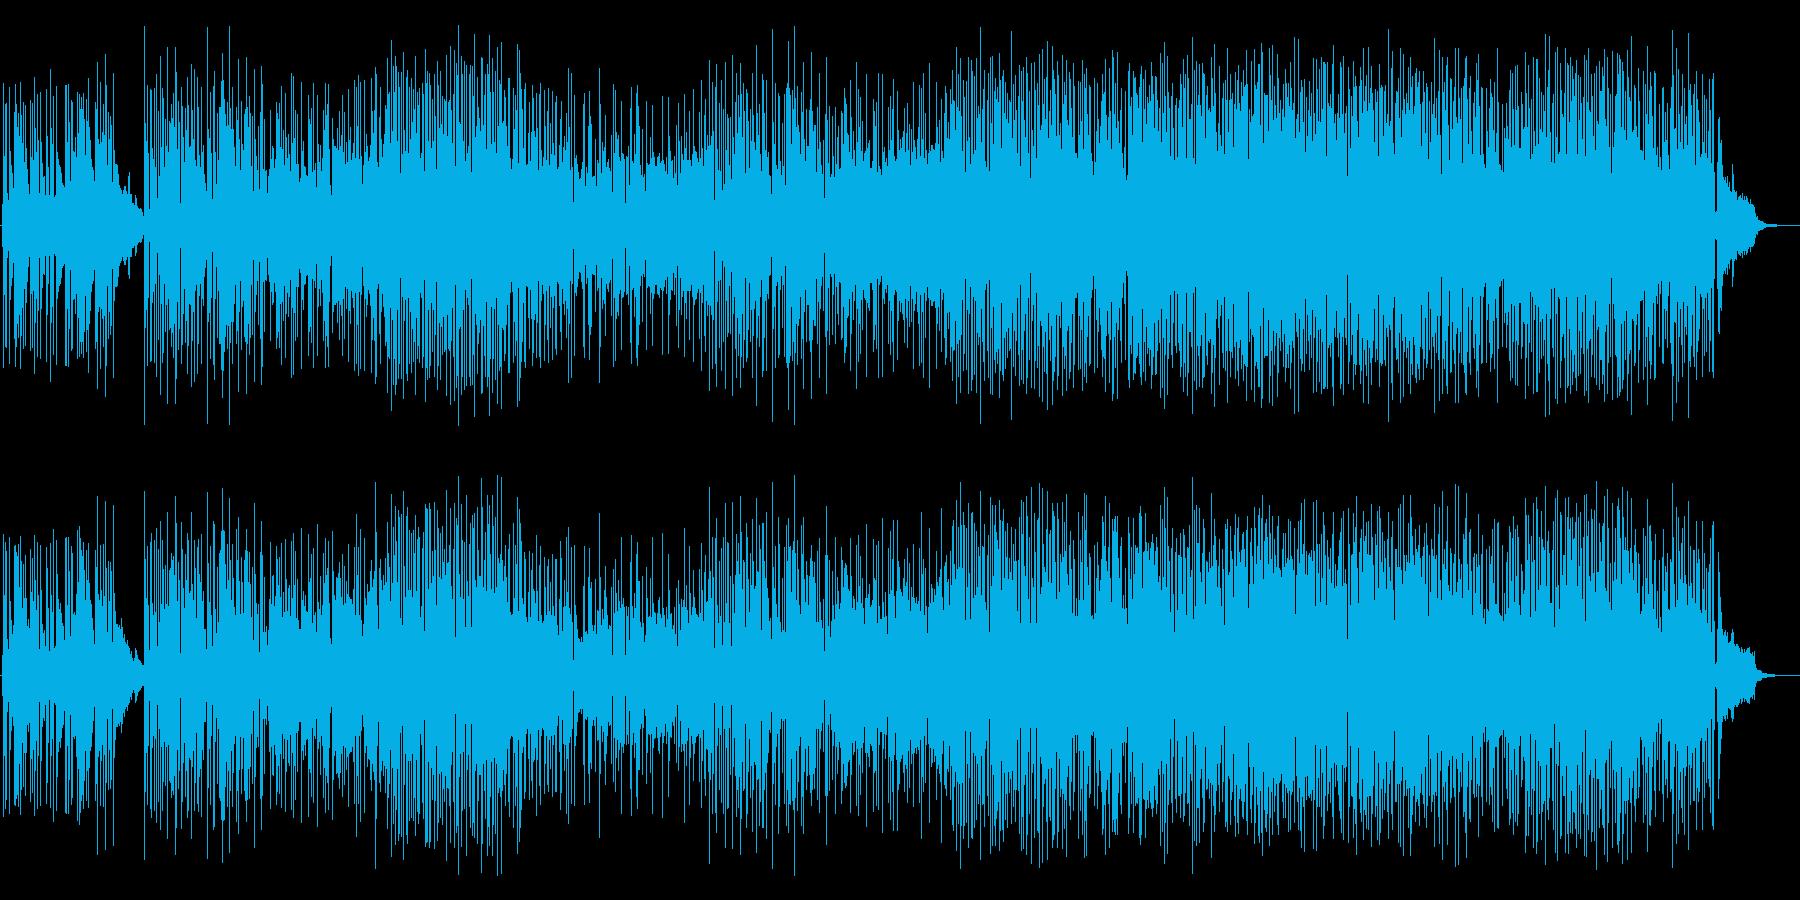 カフェミュージック:クラシックギターの再生済みの波形